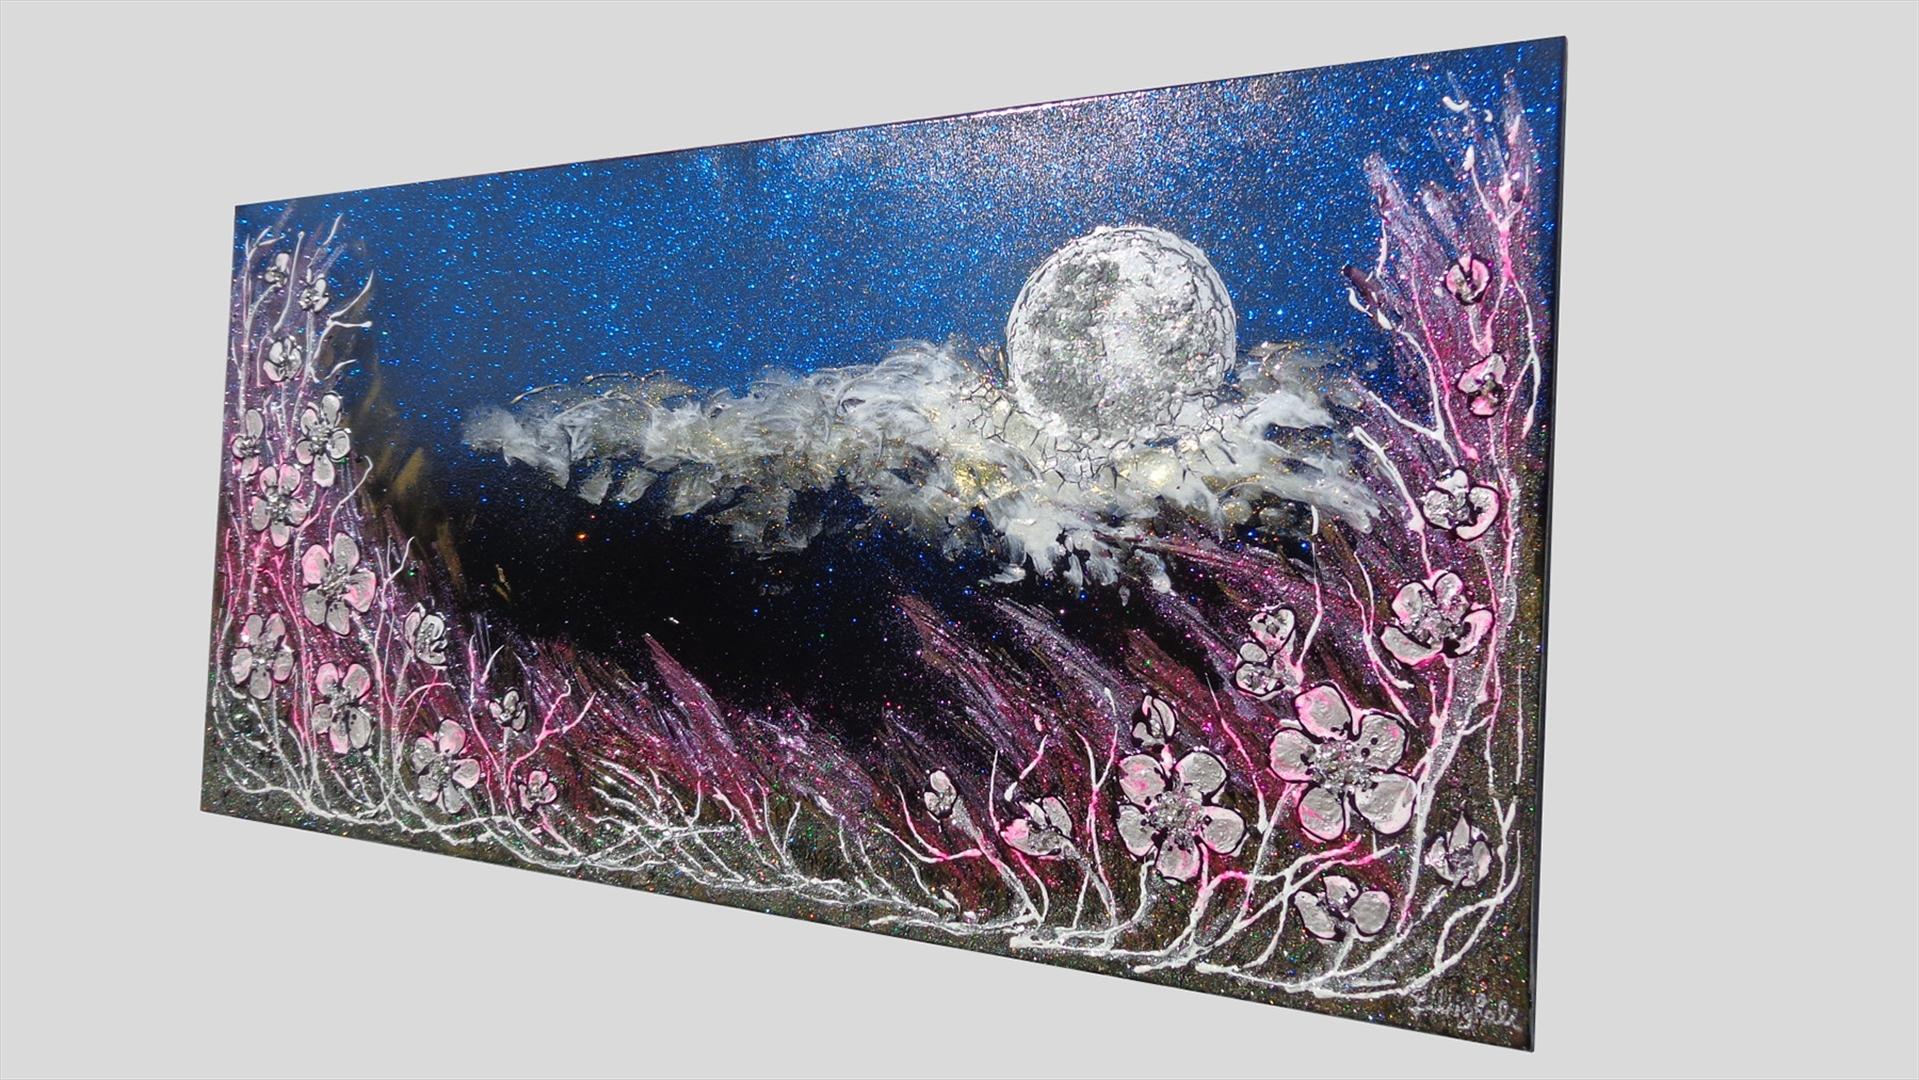 Luna di notte con fiori vendita quadri online quadri for Immagini di quadri con fiori